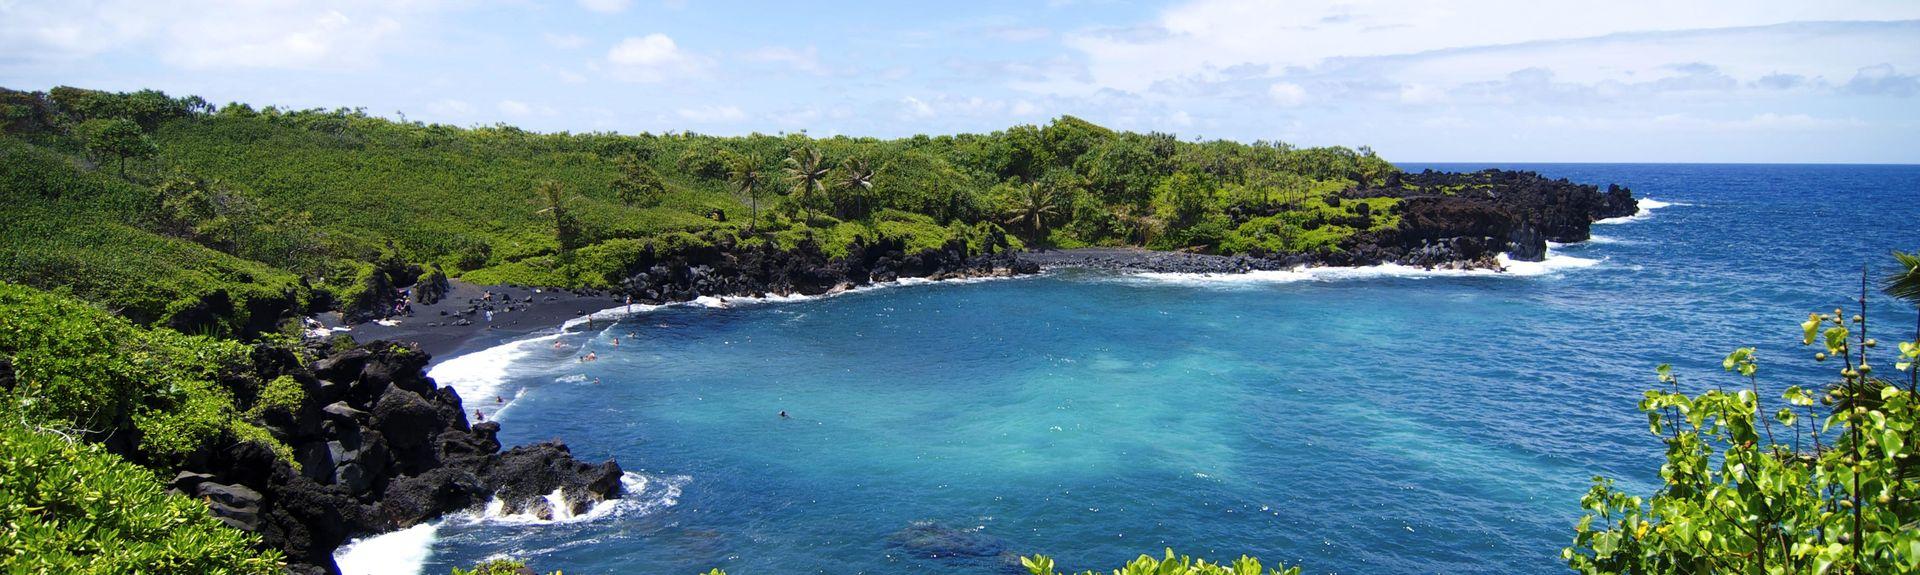 Wailua, Hana, Hawaï, États-Unis d'Amérique